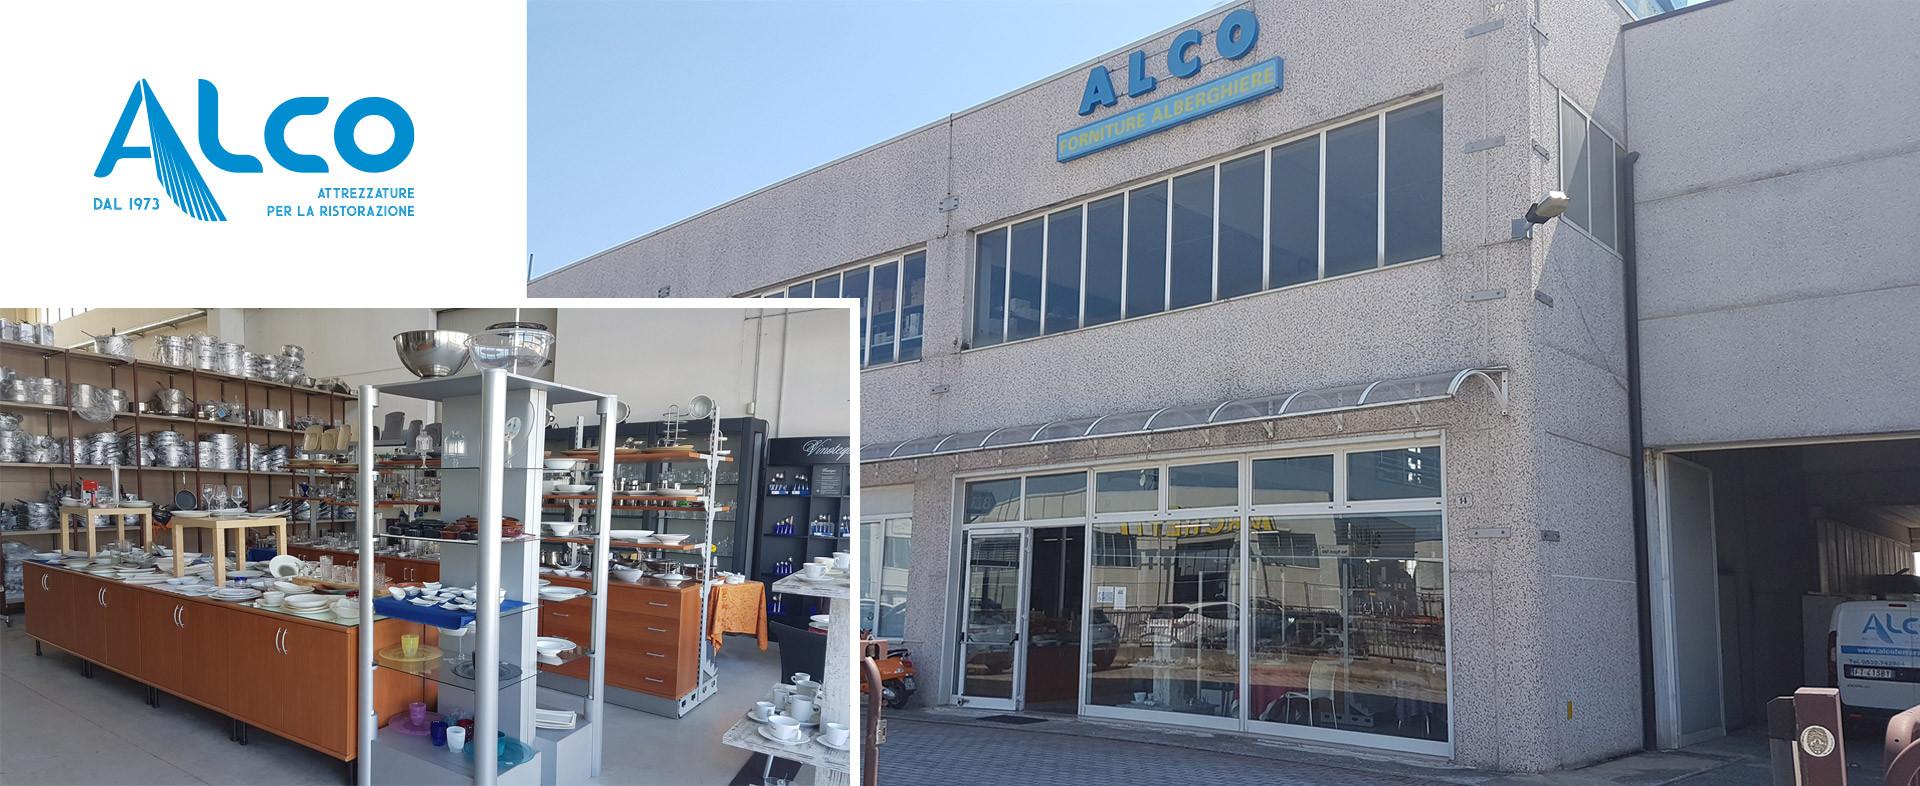 ALCO-slide.jpg